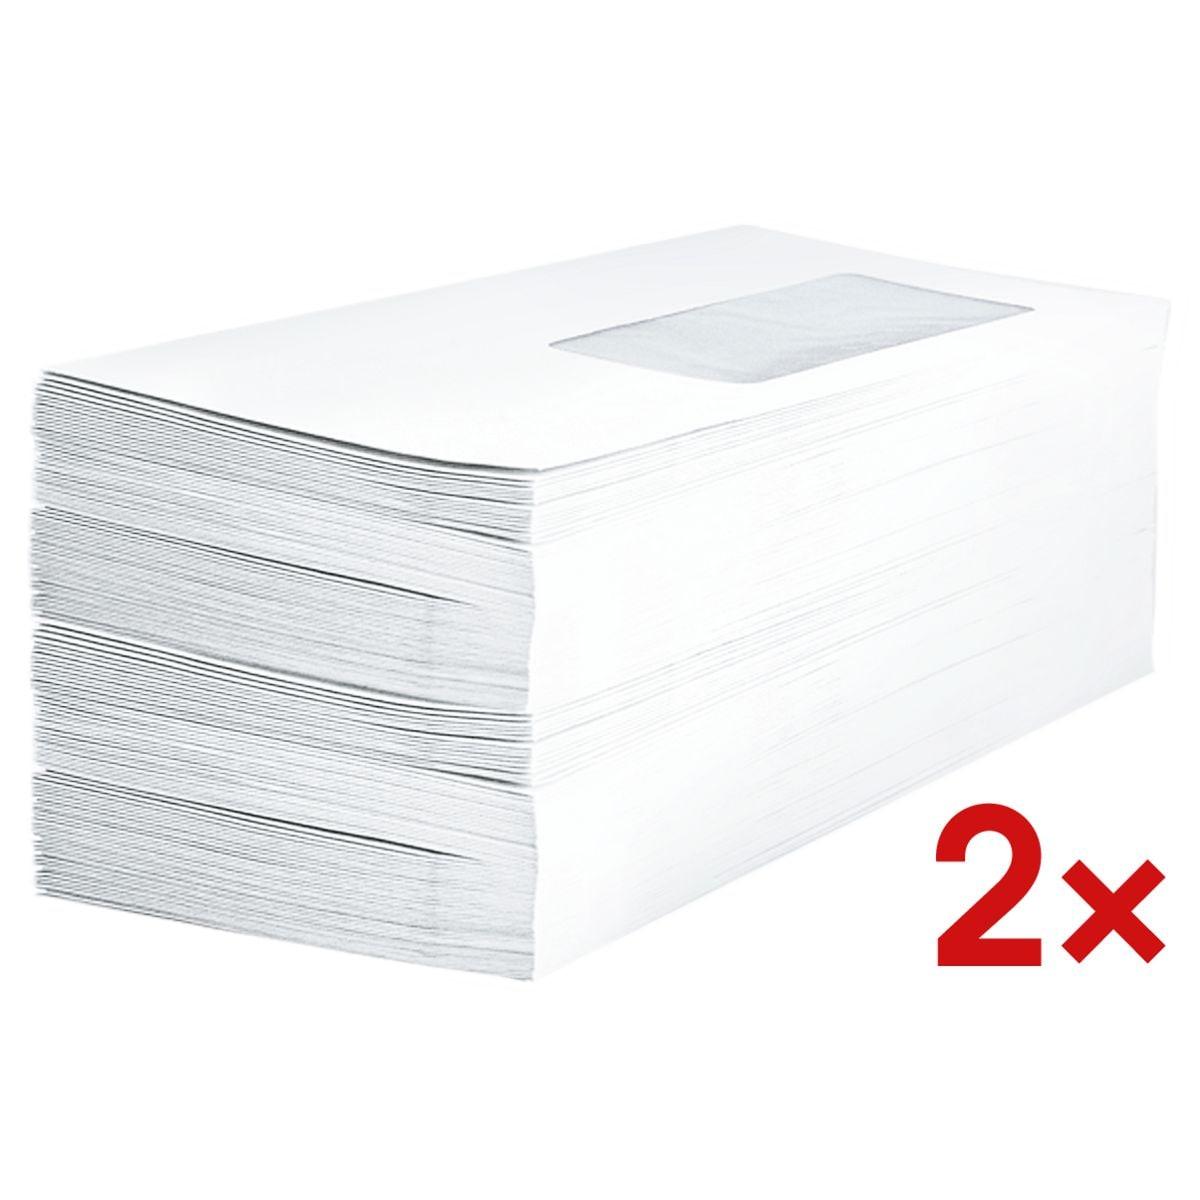 Enveloppen BONG, DL 80 g/m² met venster - 1000 stuk(s)